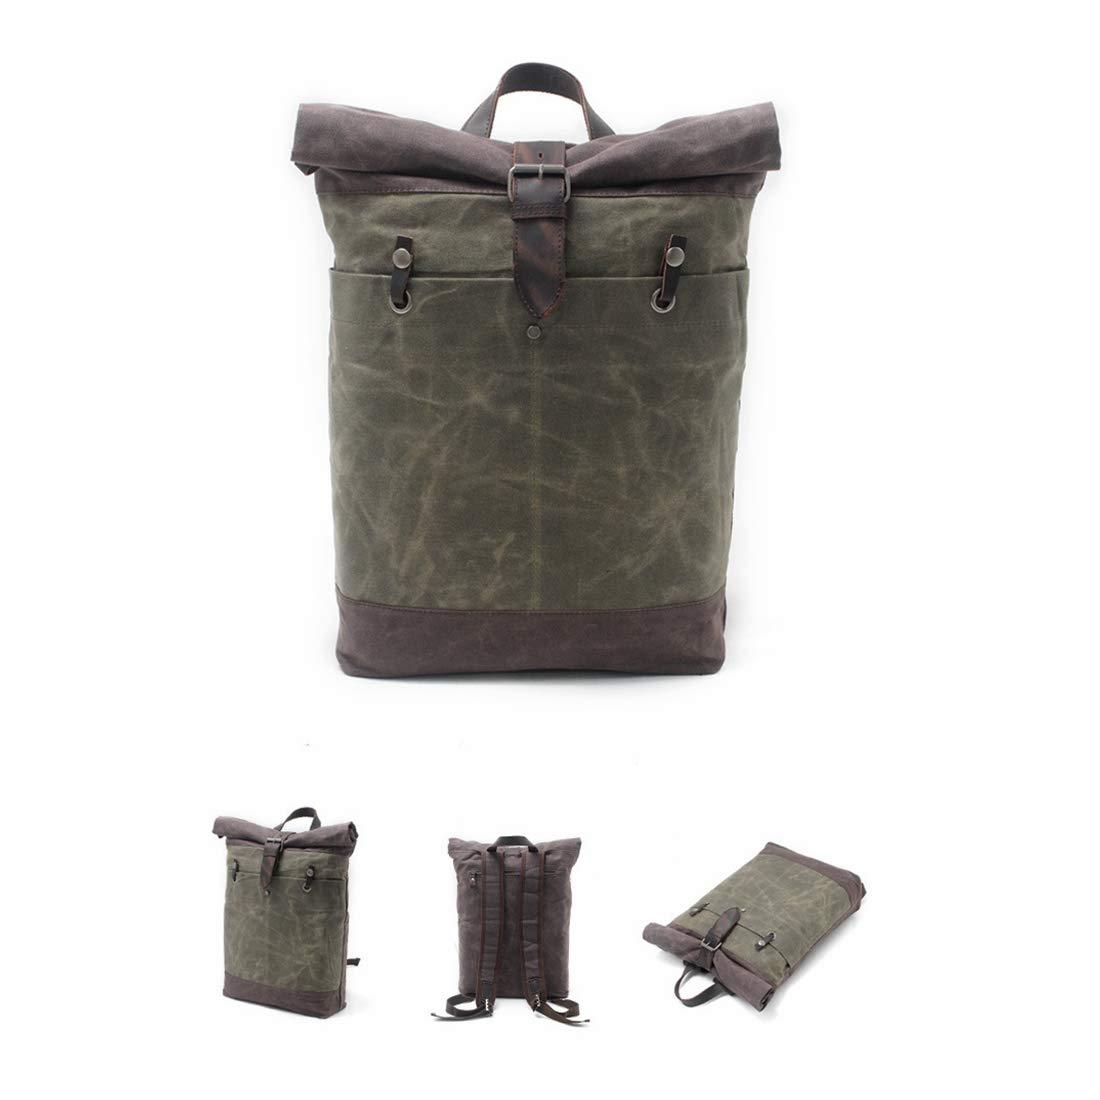 KERVINJESSIE Mens Vintage Canvas Leather Backpack Large Travel Rucksack Bookbag Satchel College Student Daypack